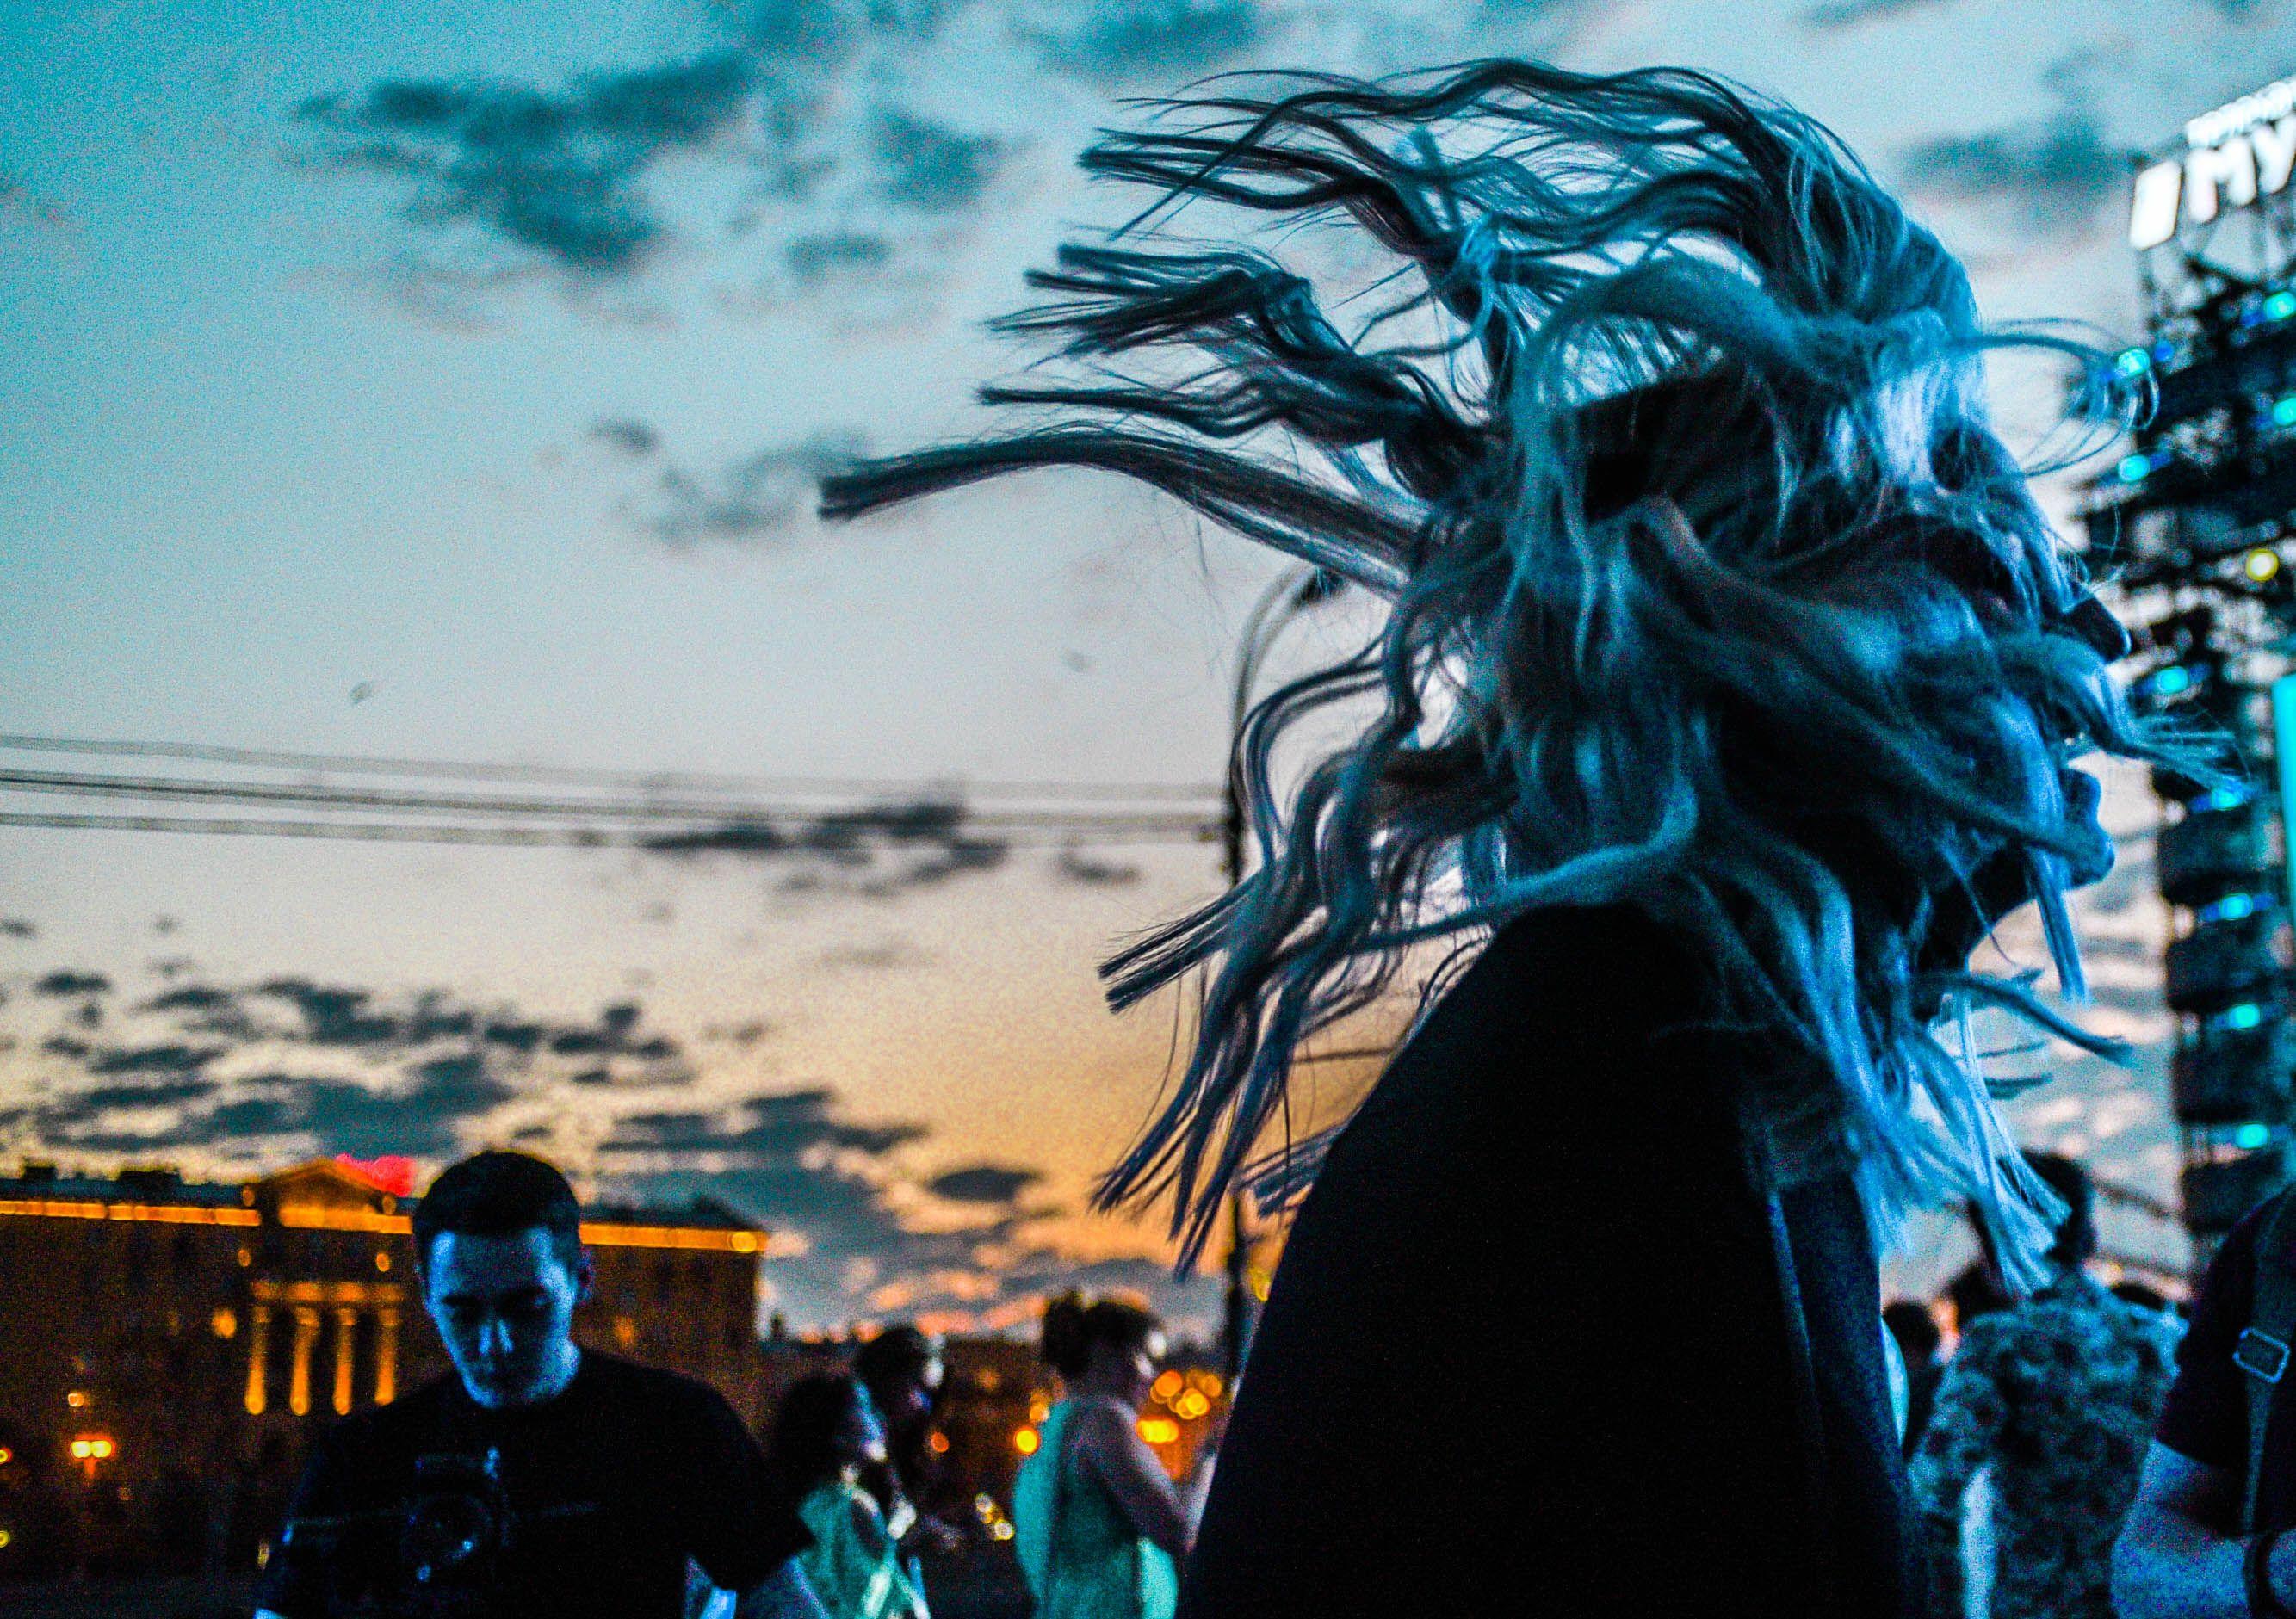 Рэп-концерт стал самым популярным мероприятием на Дне молодежи в Москве